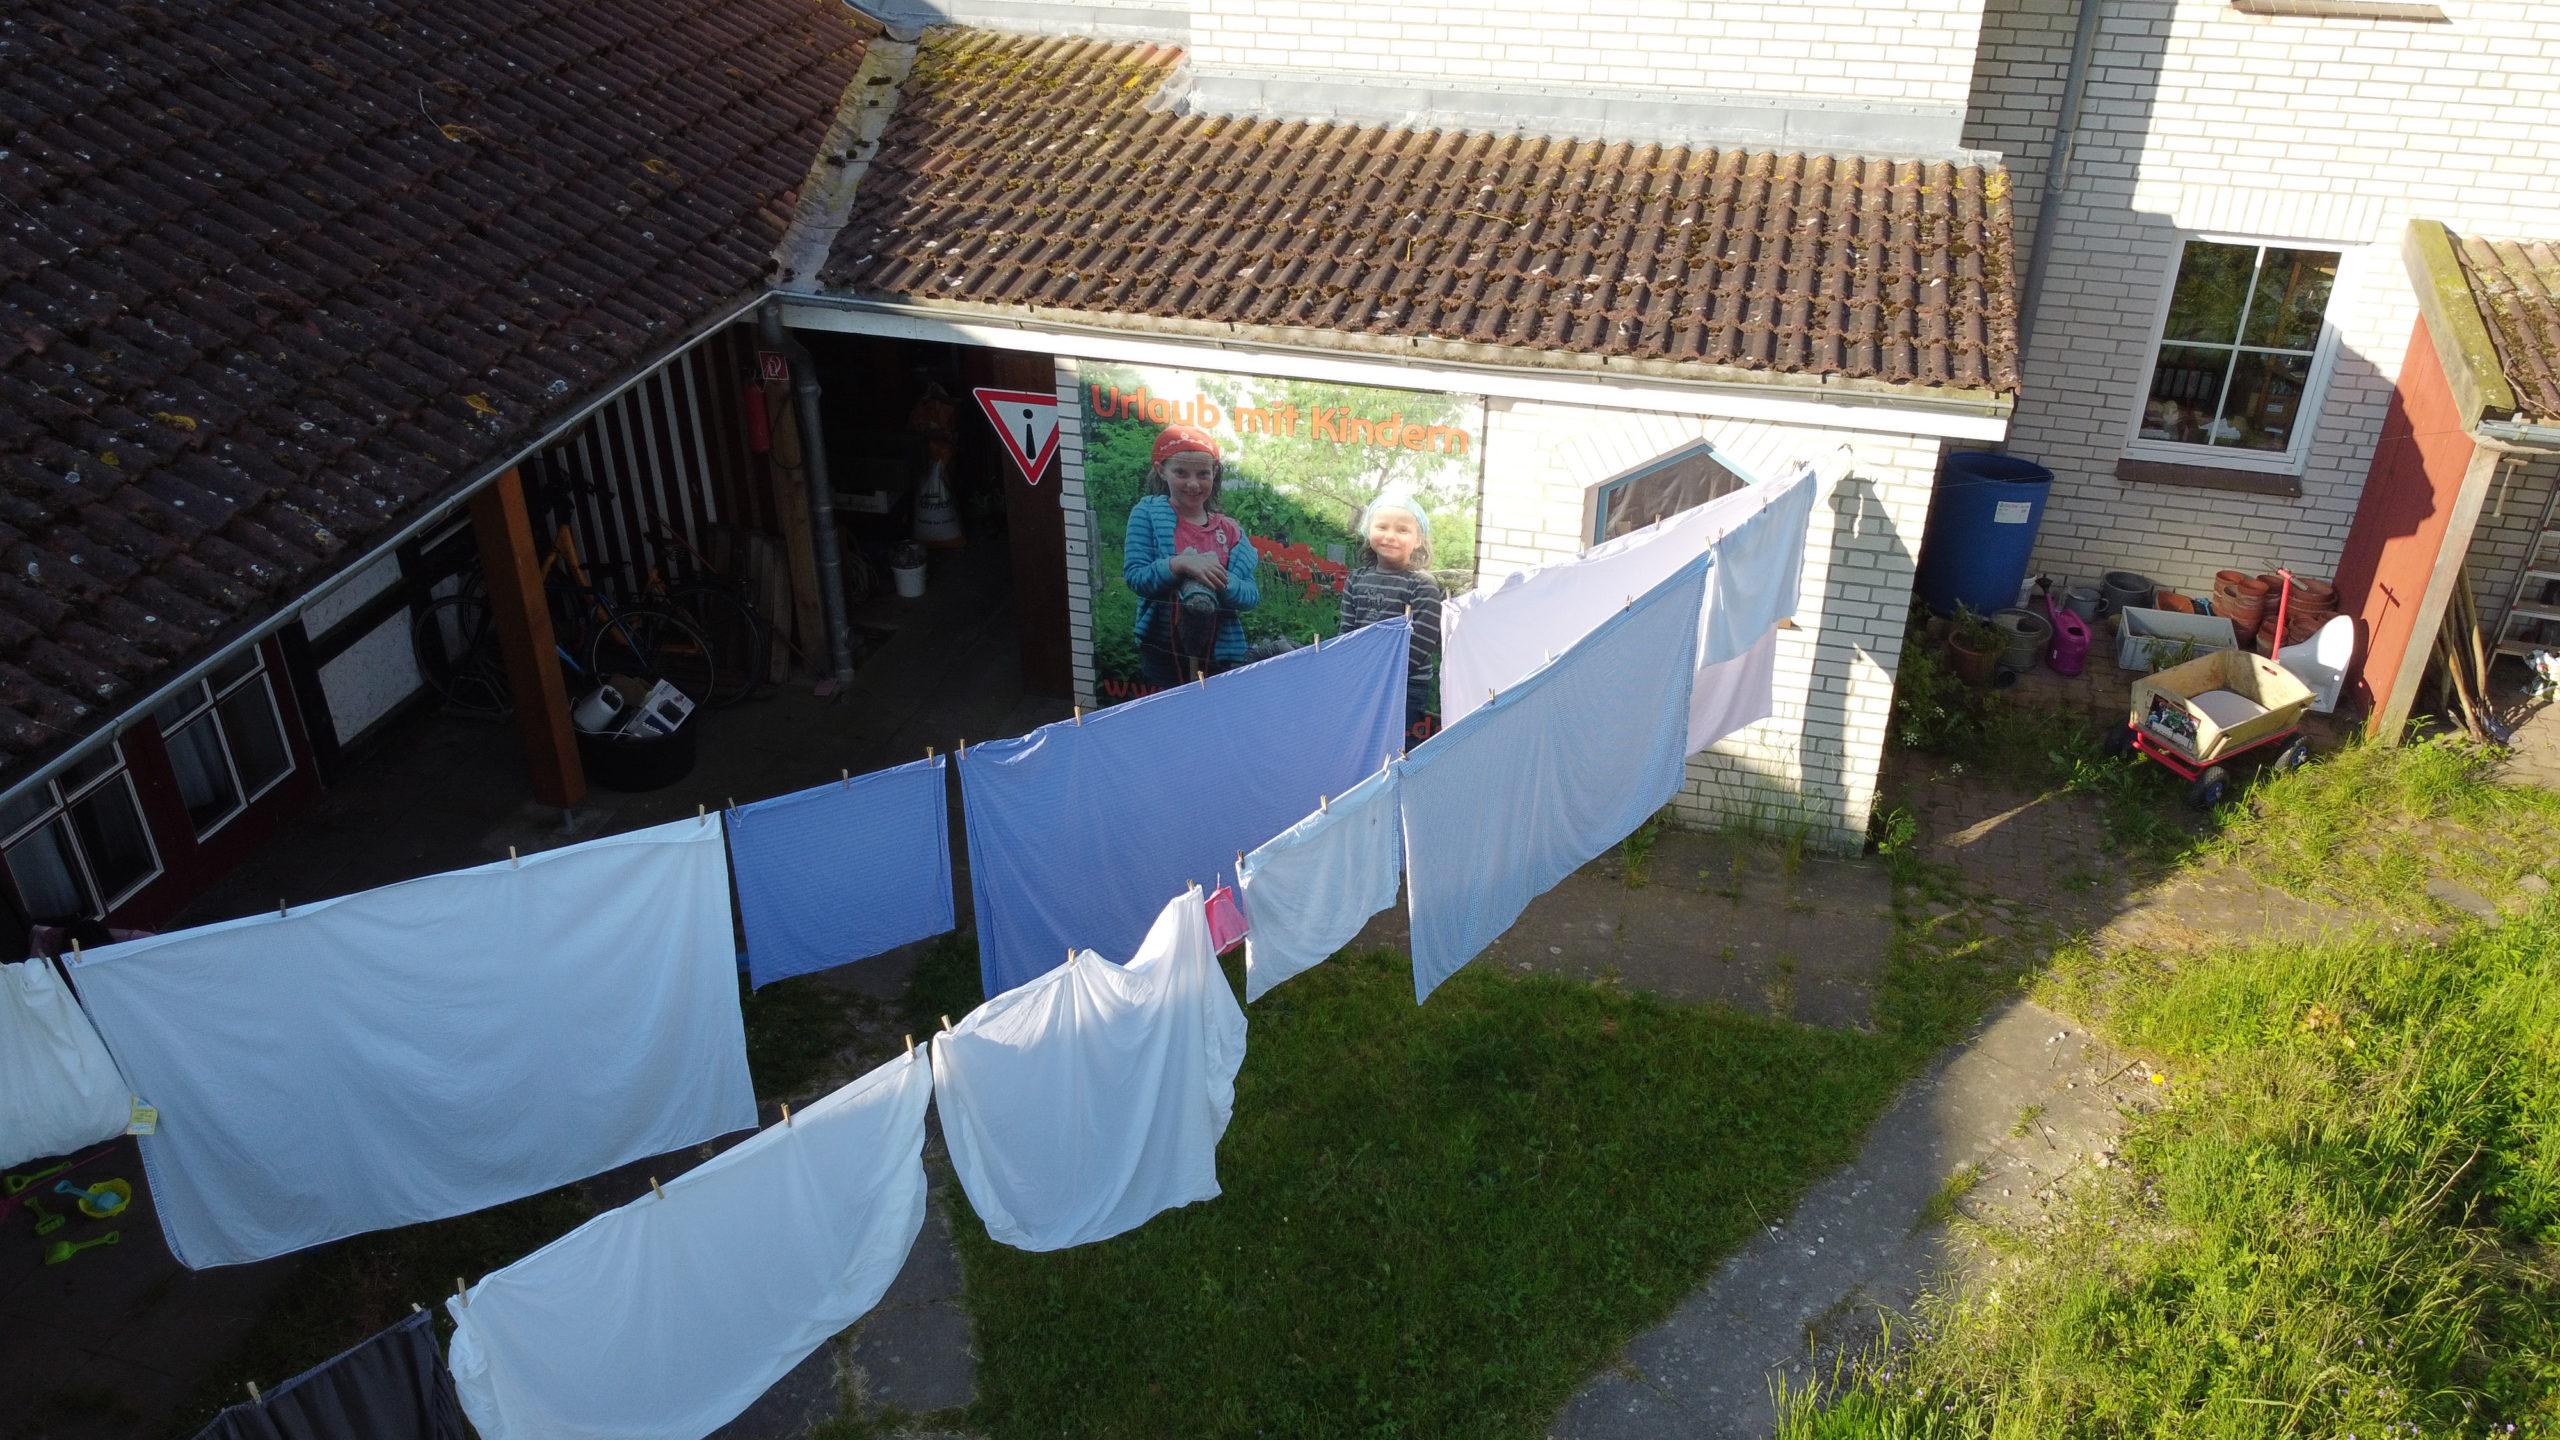 Luftgetrocknete Wäsche